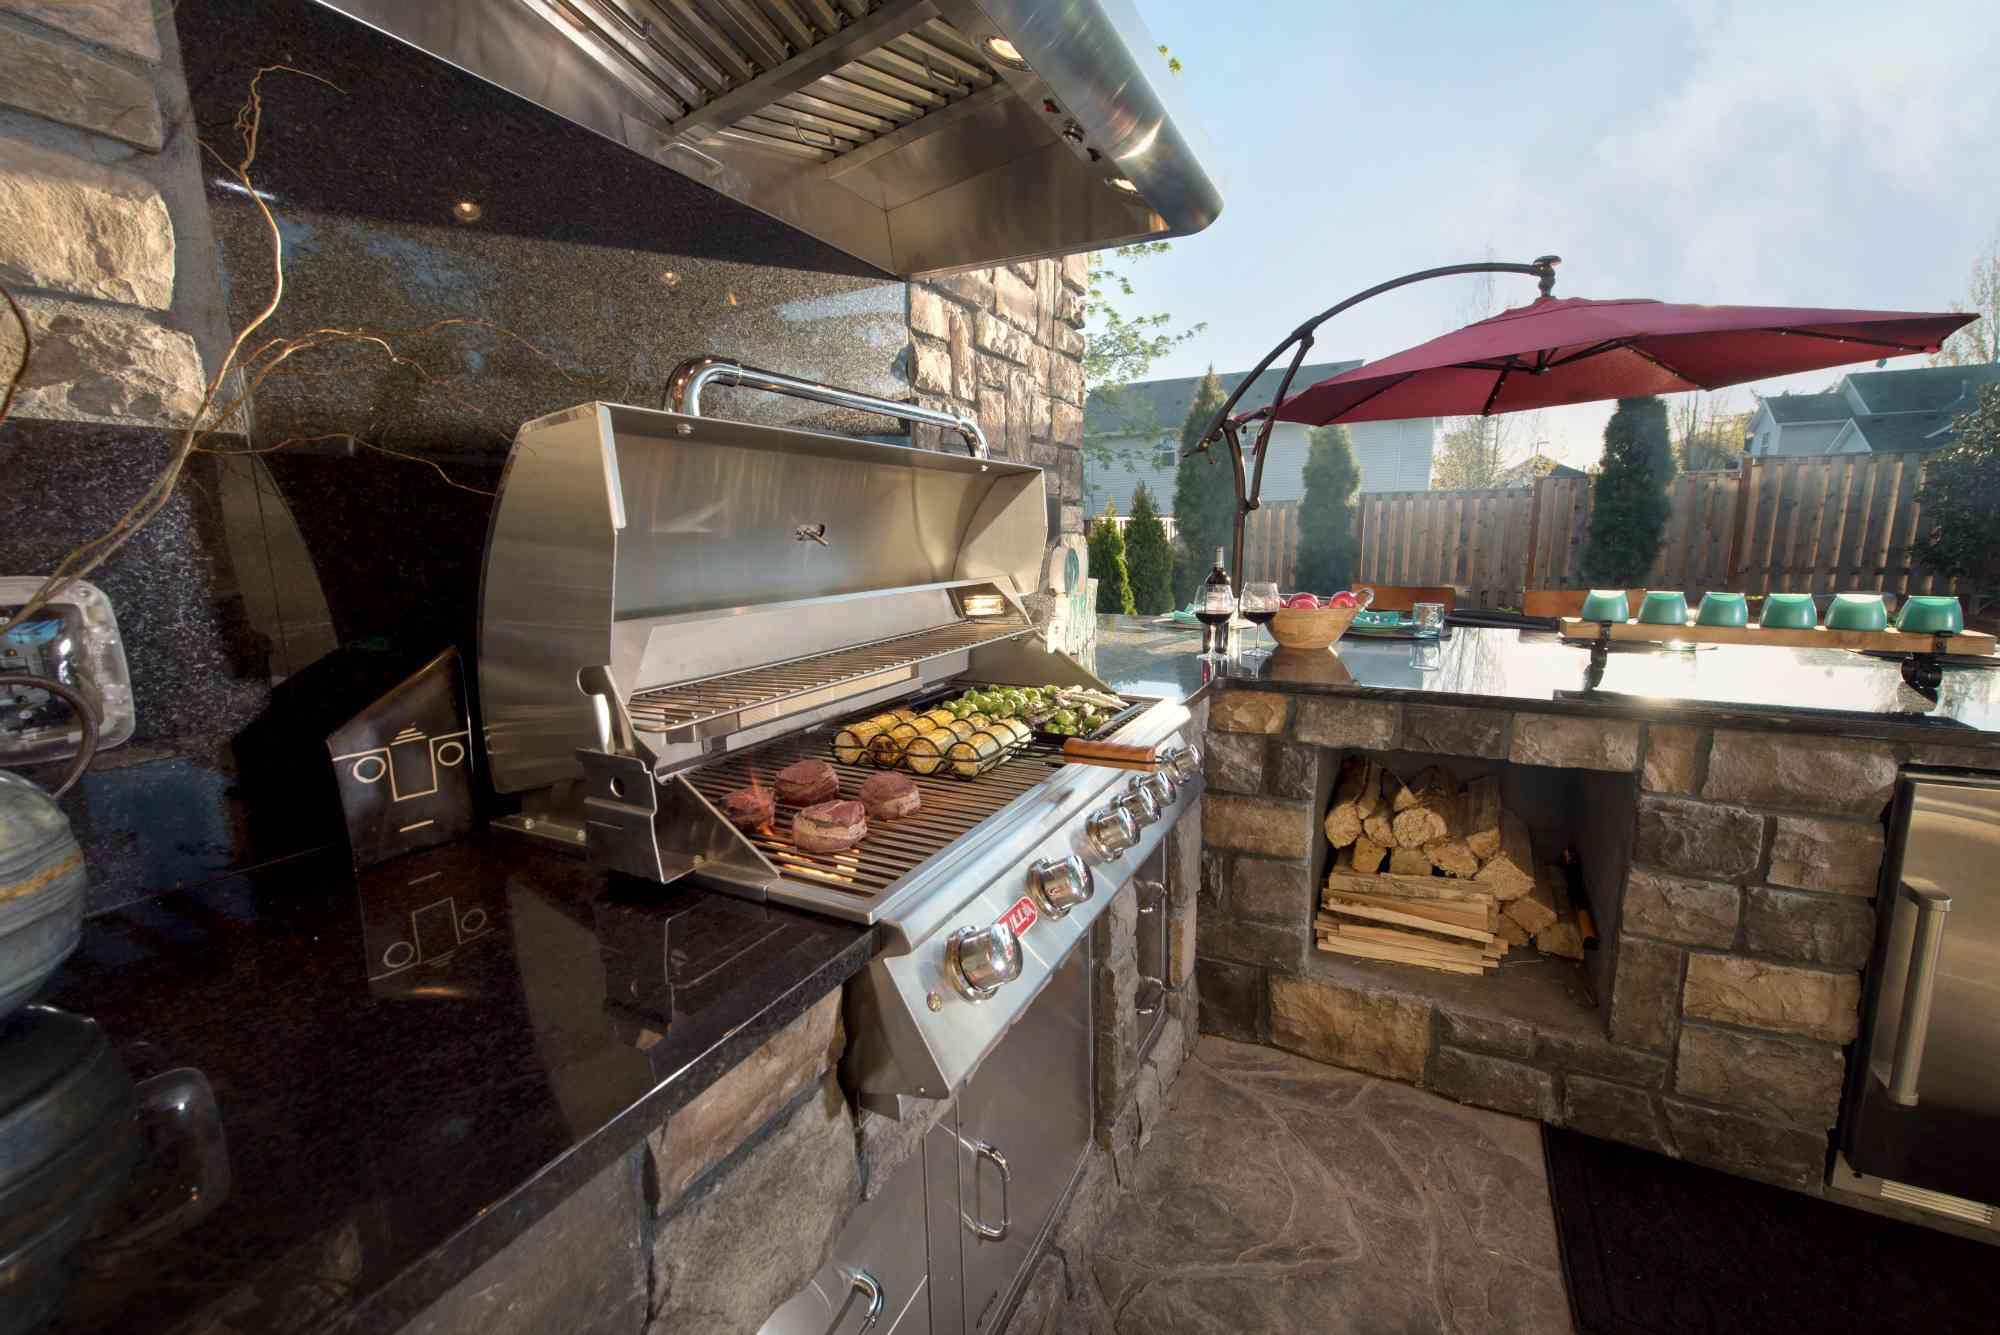 cocina de patio trasero con parrilla , cocina al aire libre